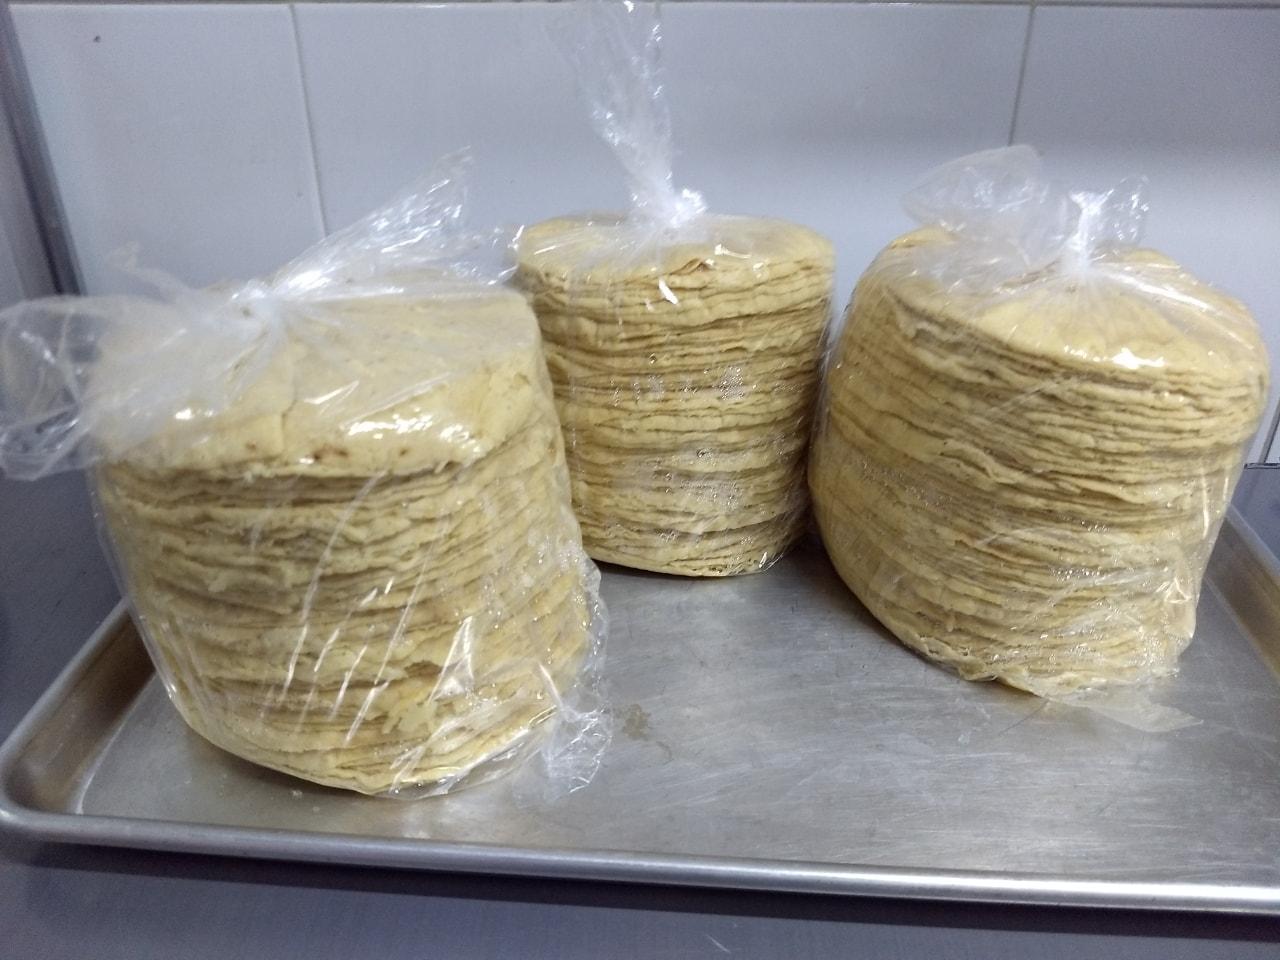 Regalo 6 kilos de tortilla del dia de ayer 25 oct